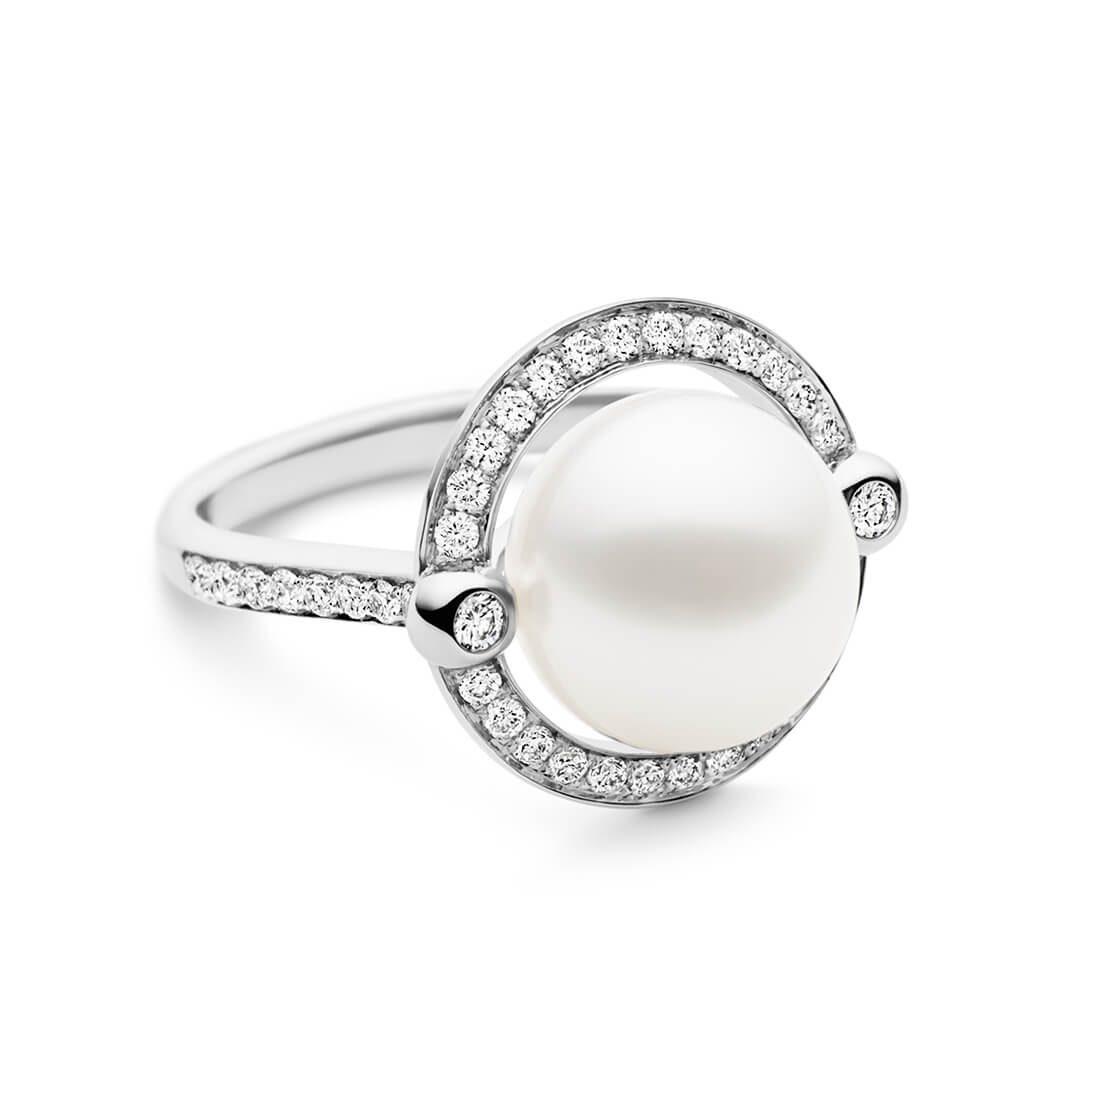 Kailis - Divine Ring, White Gold